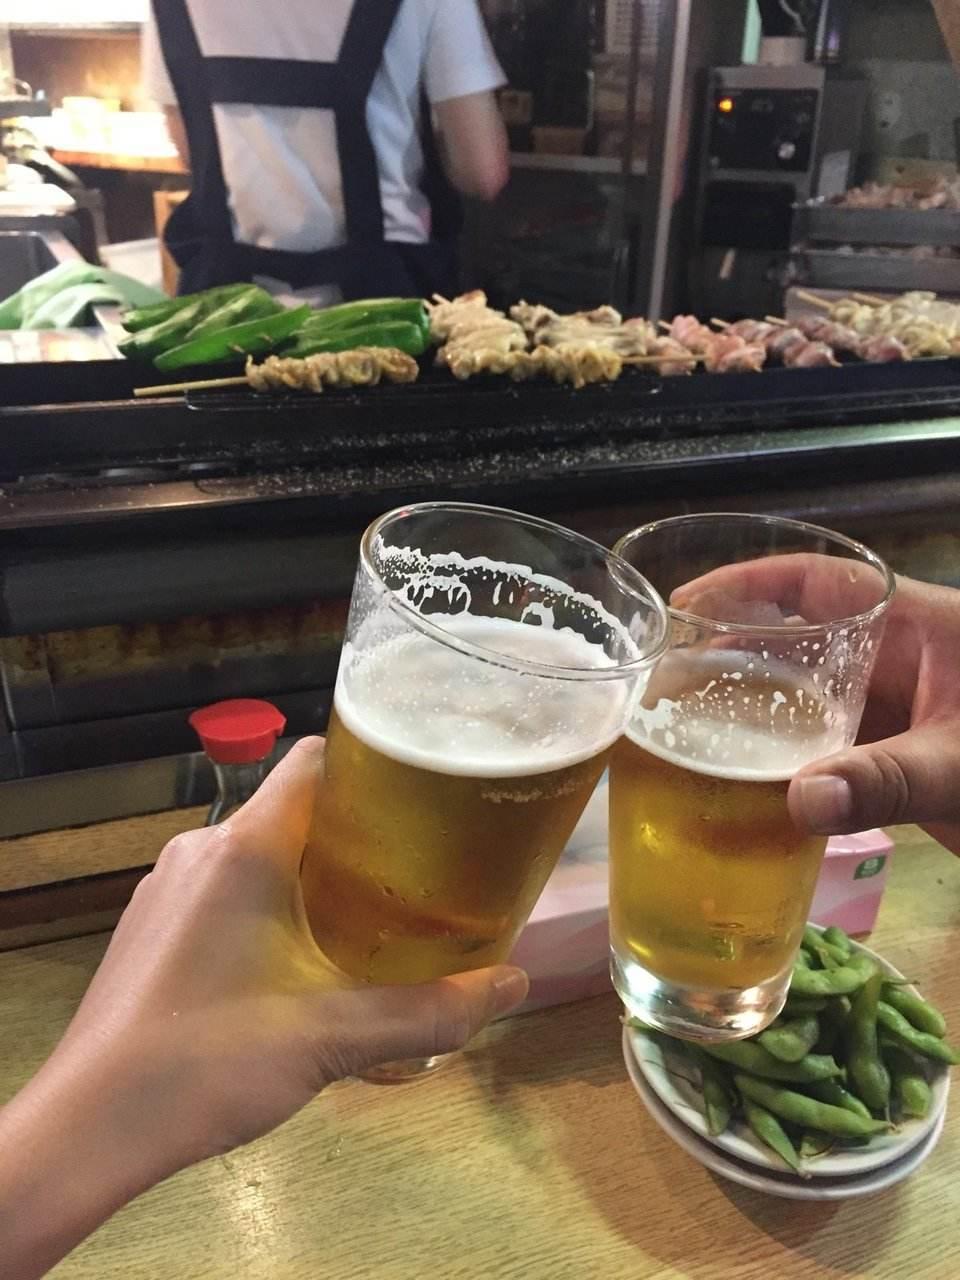 白酒还是啤酒-为什么白酒和啤酒更容易醉-大麦丫-精酿啤酒连锁超市,工厂店平价酒吧免费加盟